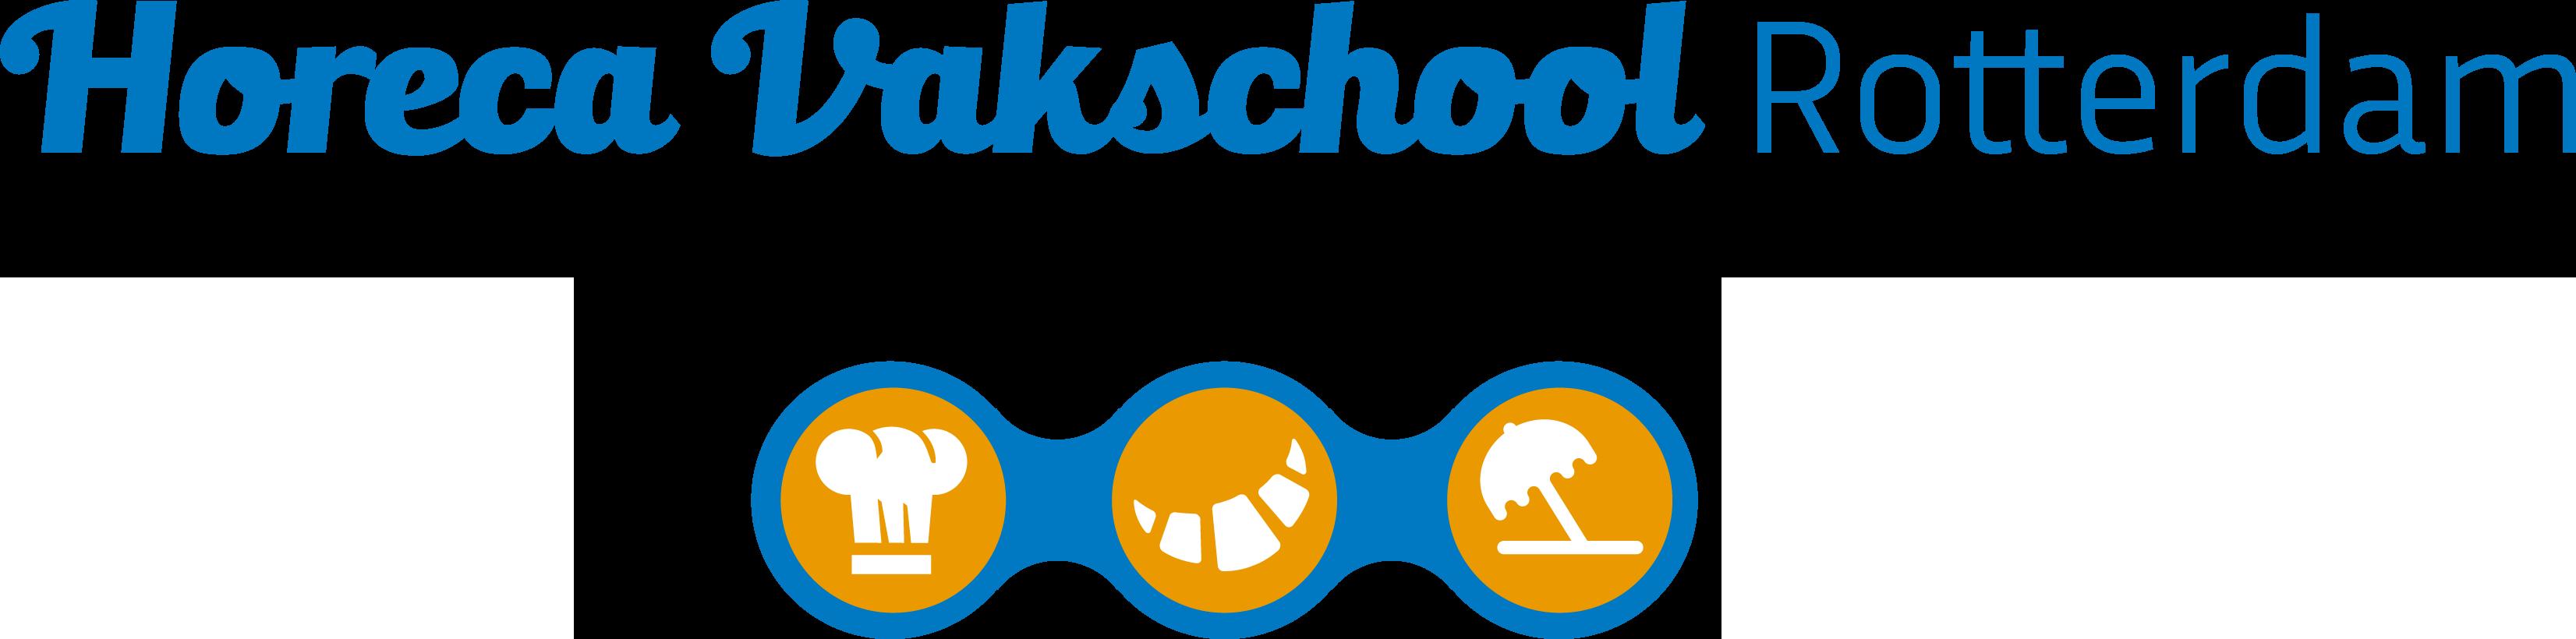 Horeca Vakschool Rotterdam logo